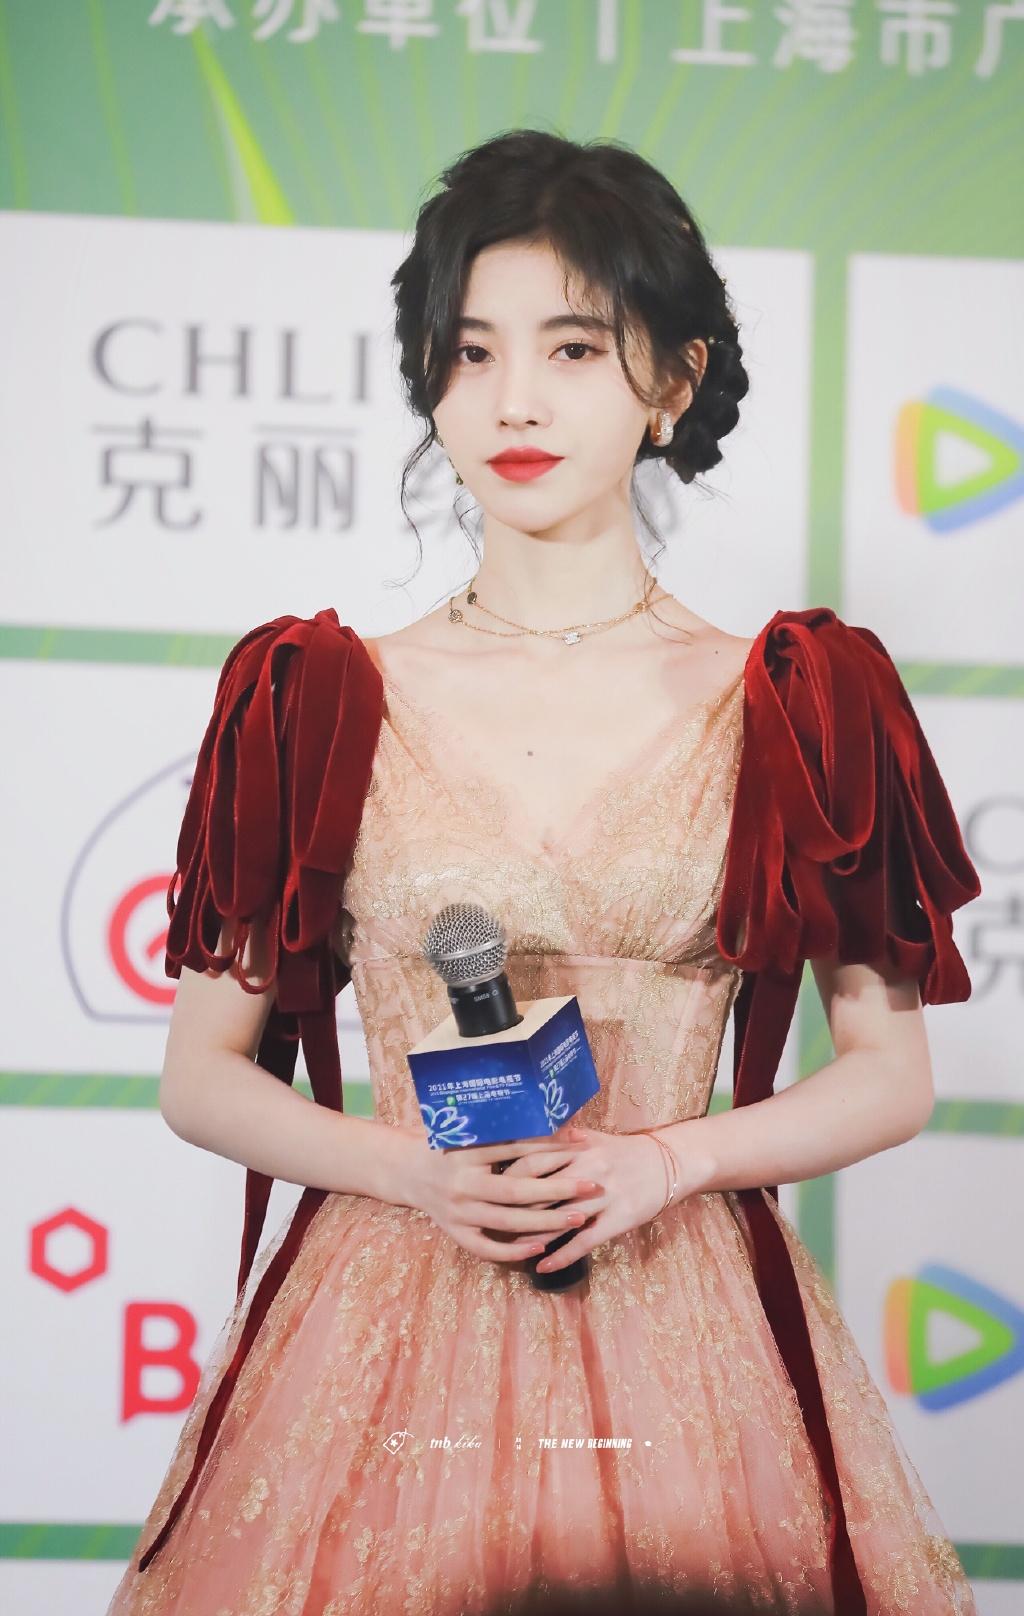 Cúc Tịnh Y gây sốt với nét đẹp lộng lẫy như nàng công chúa Disney trên thảm đỏ giải thưởng Bạch Ngọc Lan. Cô nàng tham dự để quảng bá bộ phim mới cùng nam diễn viên Tằng Tuấn Hy.